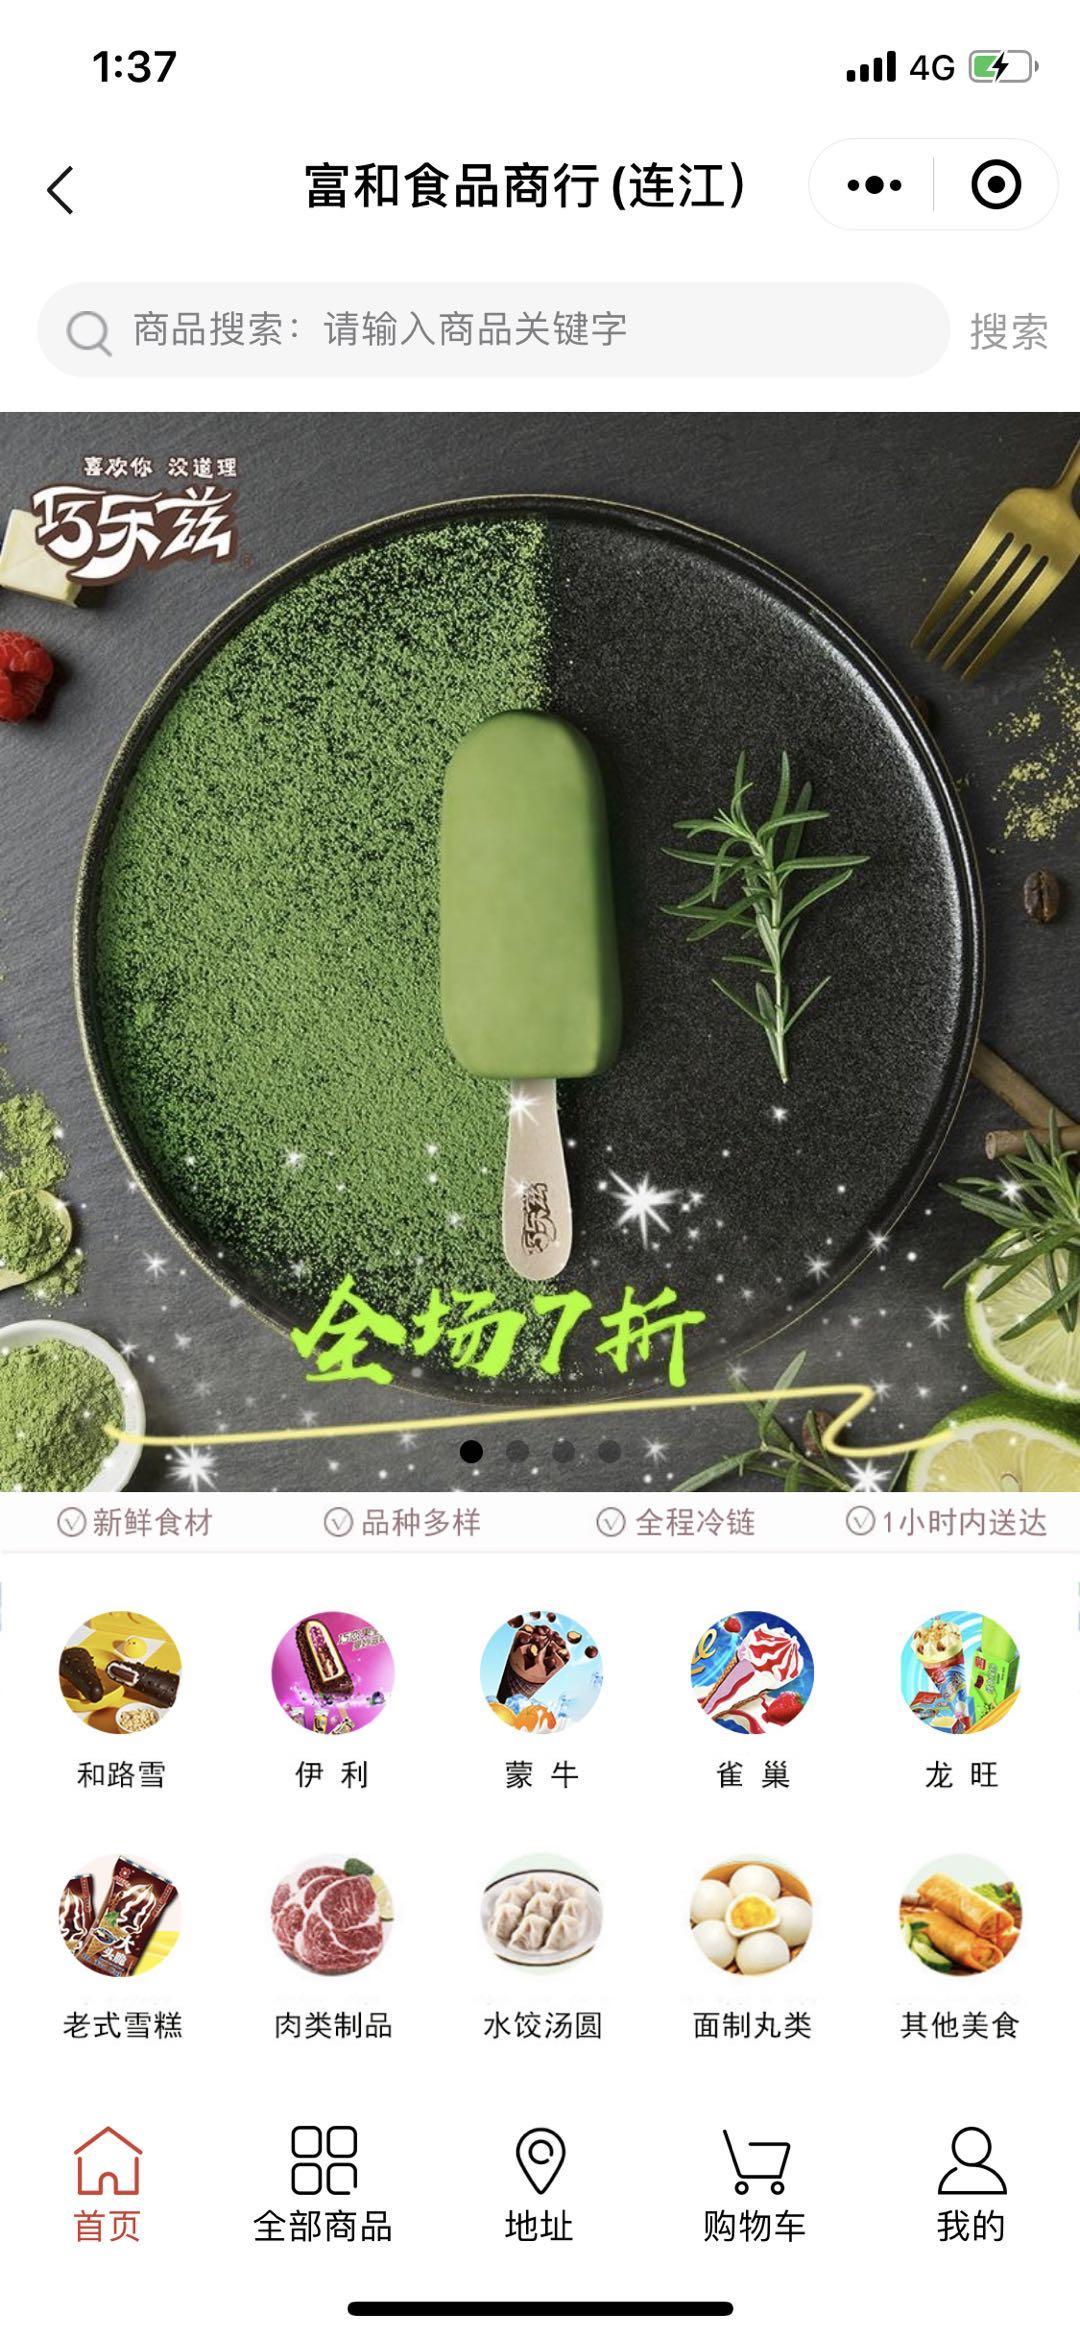 微信富和食品商行小程序效果图预览